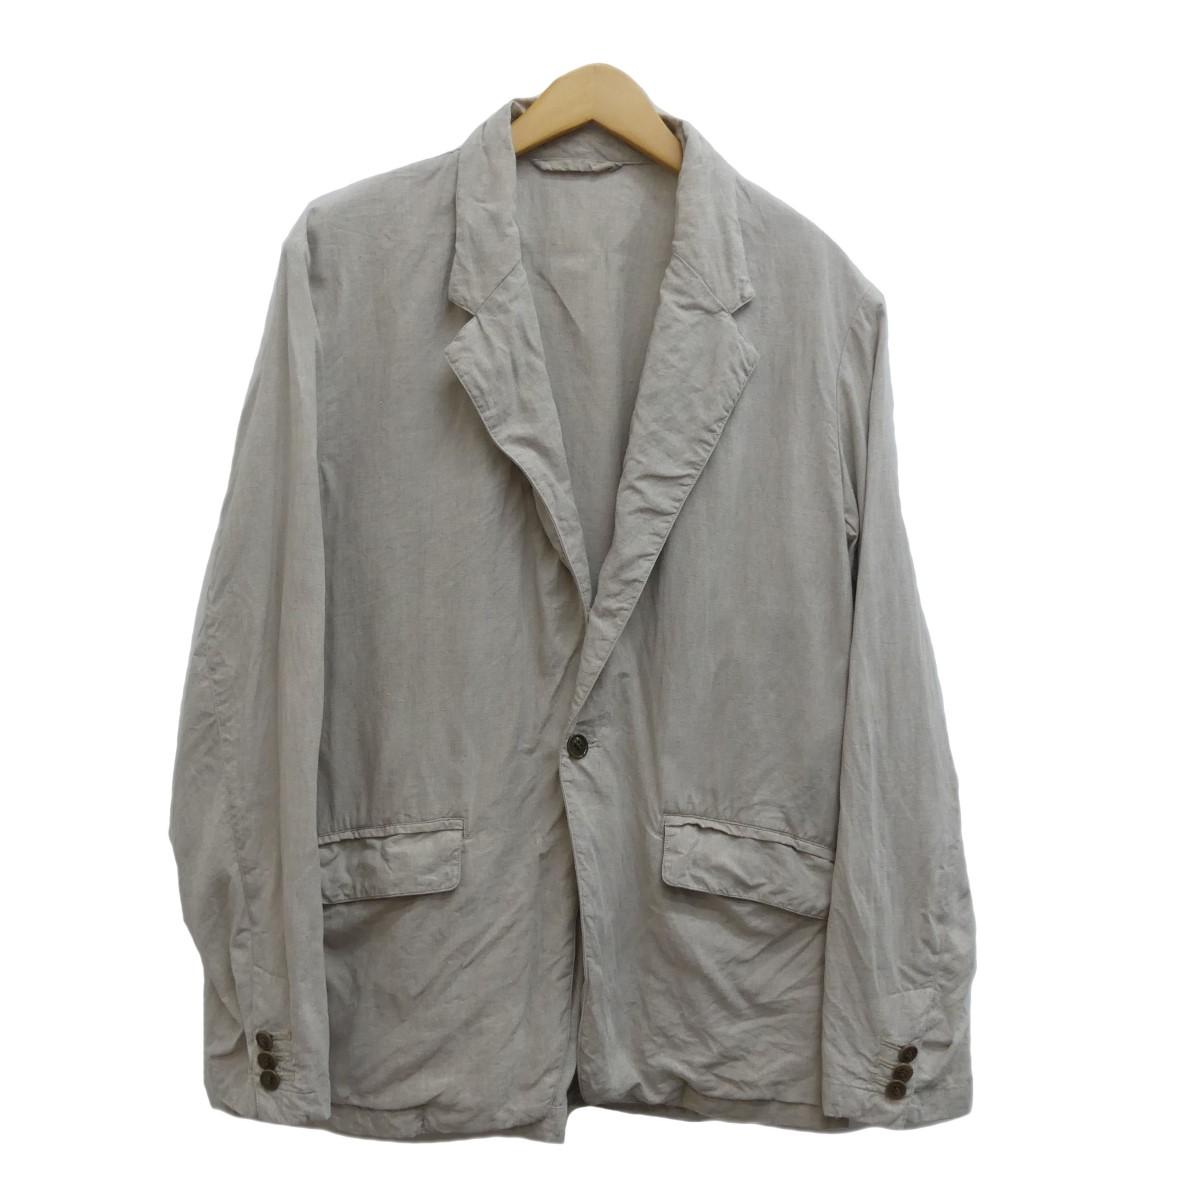 【中古】nest Robe confect 19SS ハイカウントリネンライトジャケット アイボリー サイズ:3 【100420】(ネストローブコンフェクト)